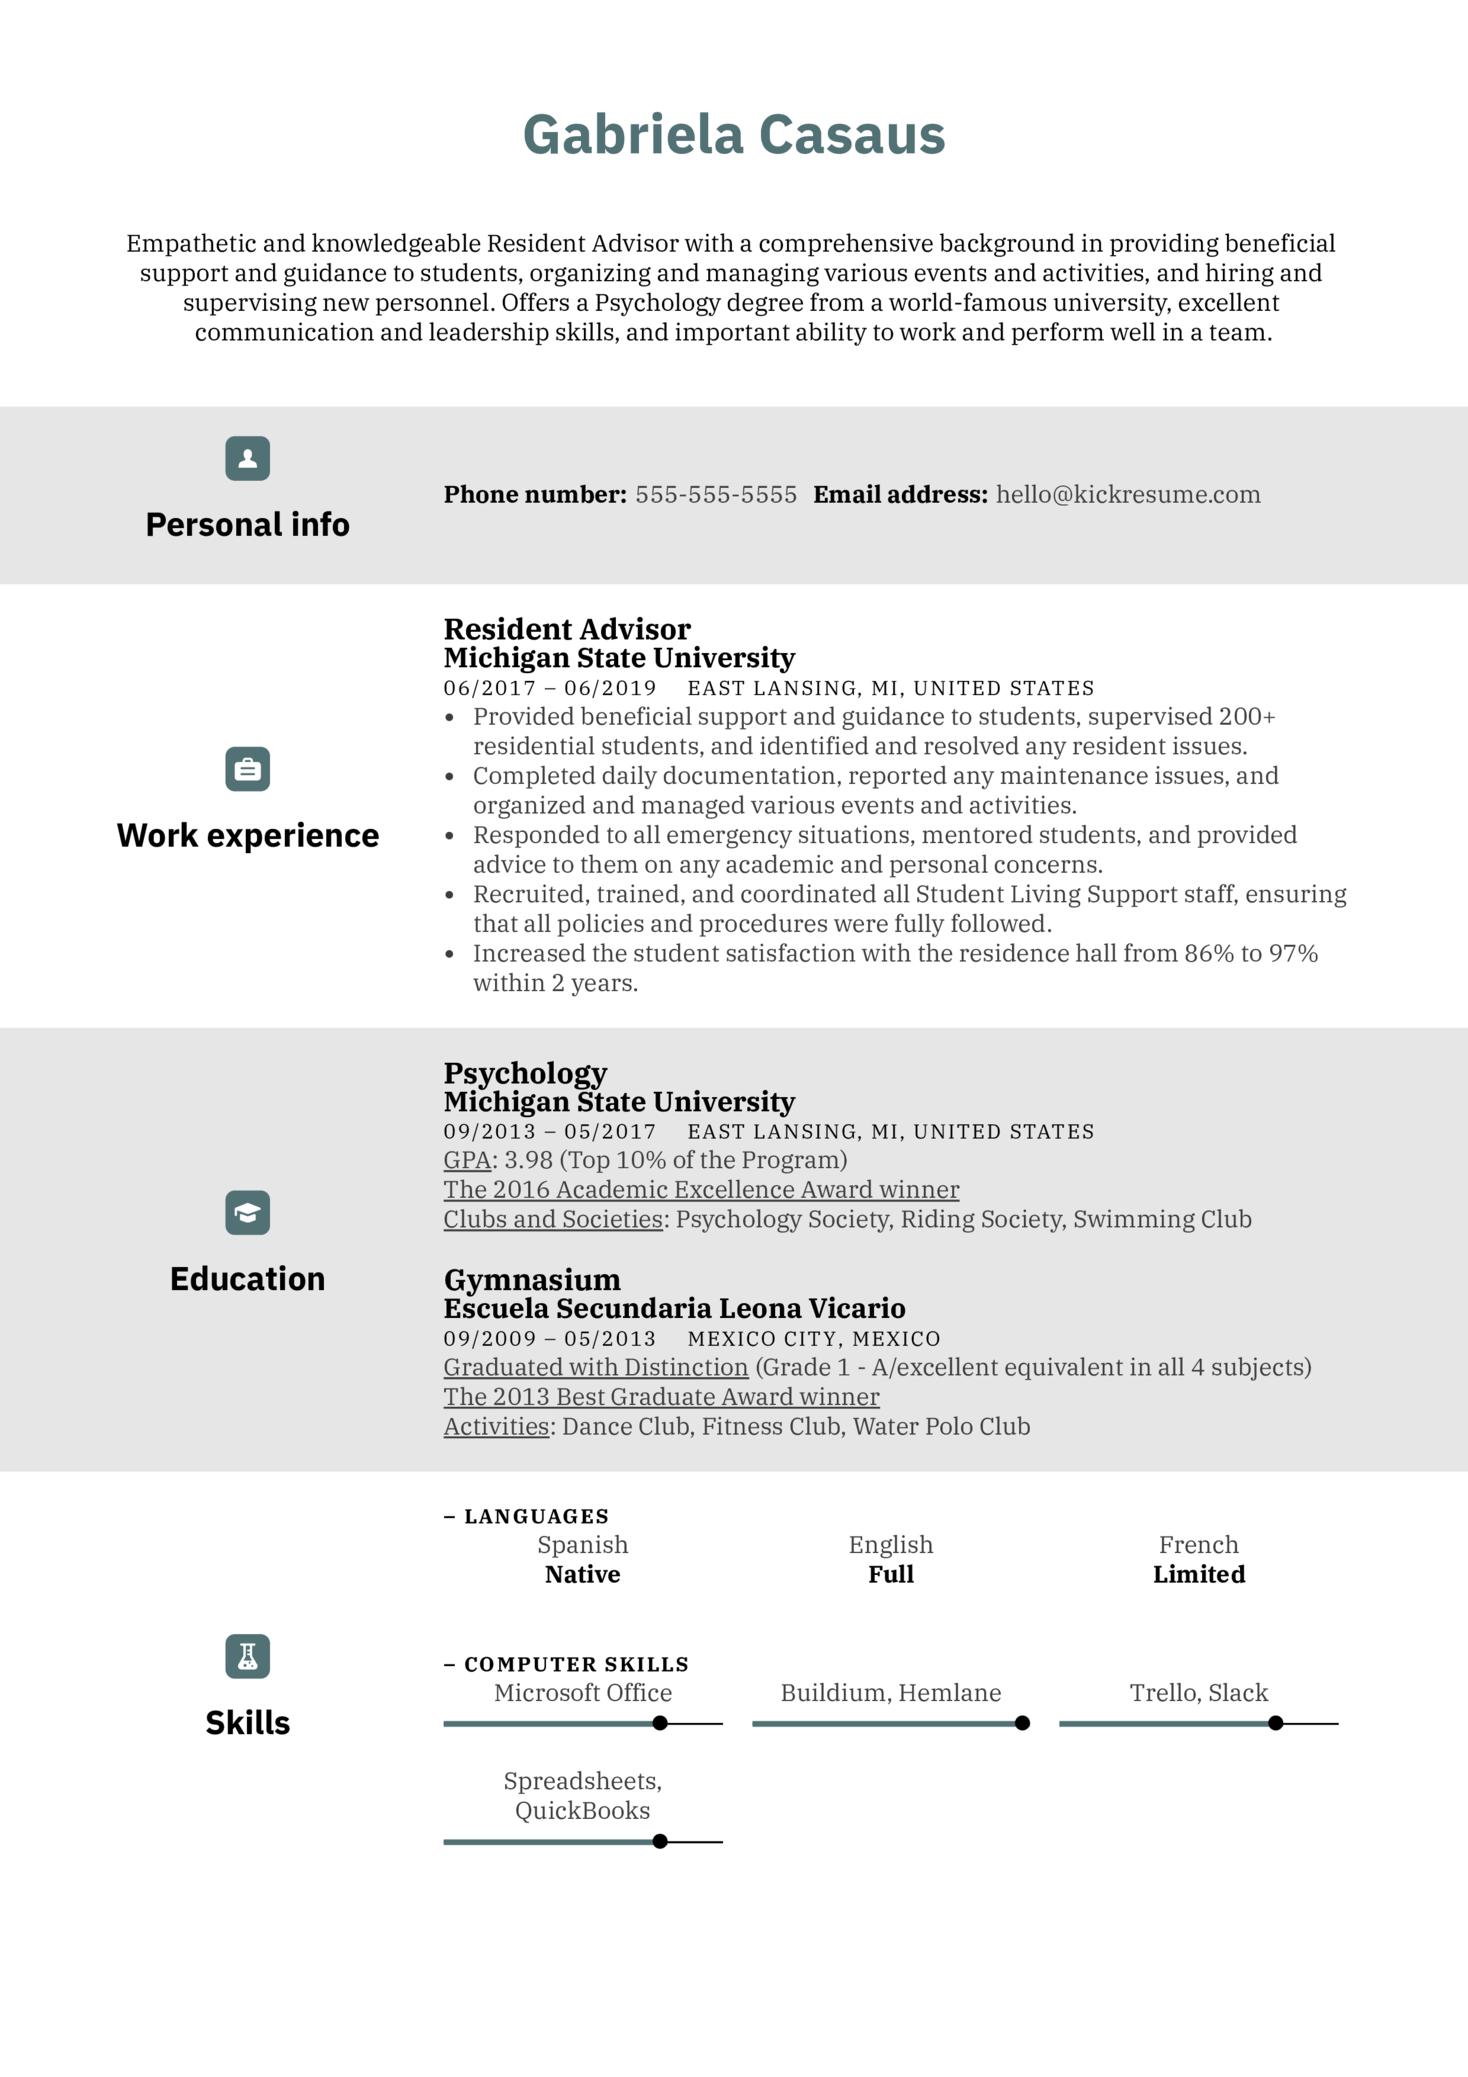 Resident Advisor Resume Sample (parte 1)